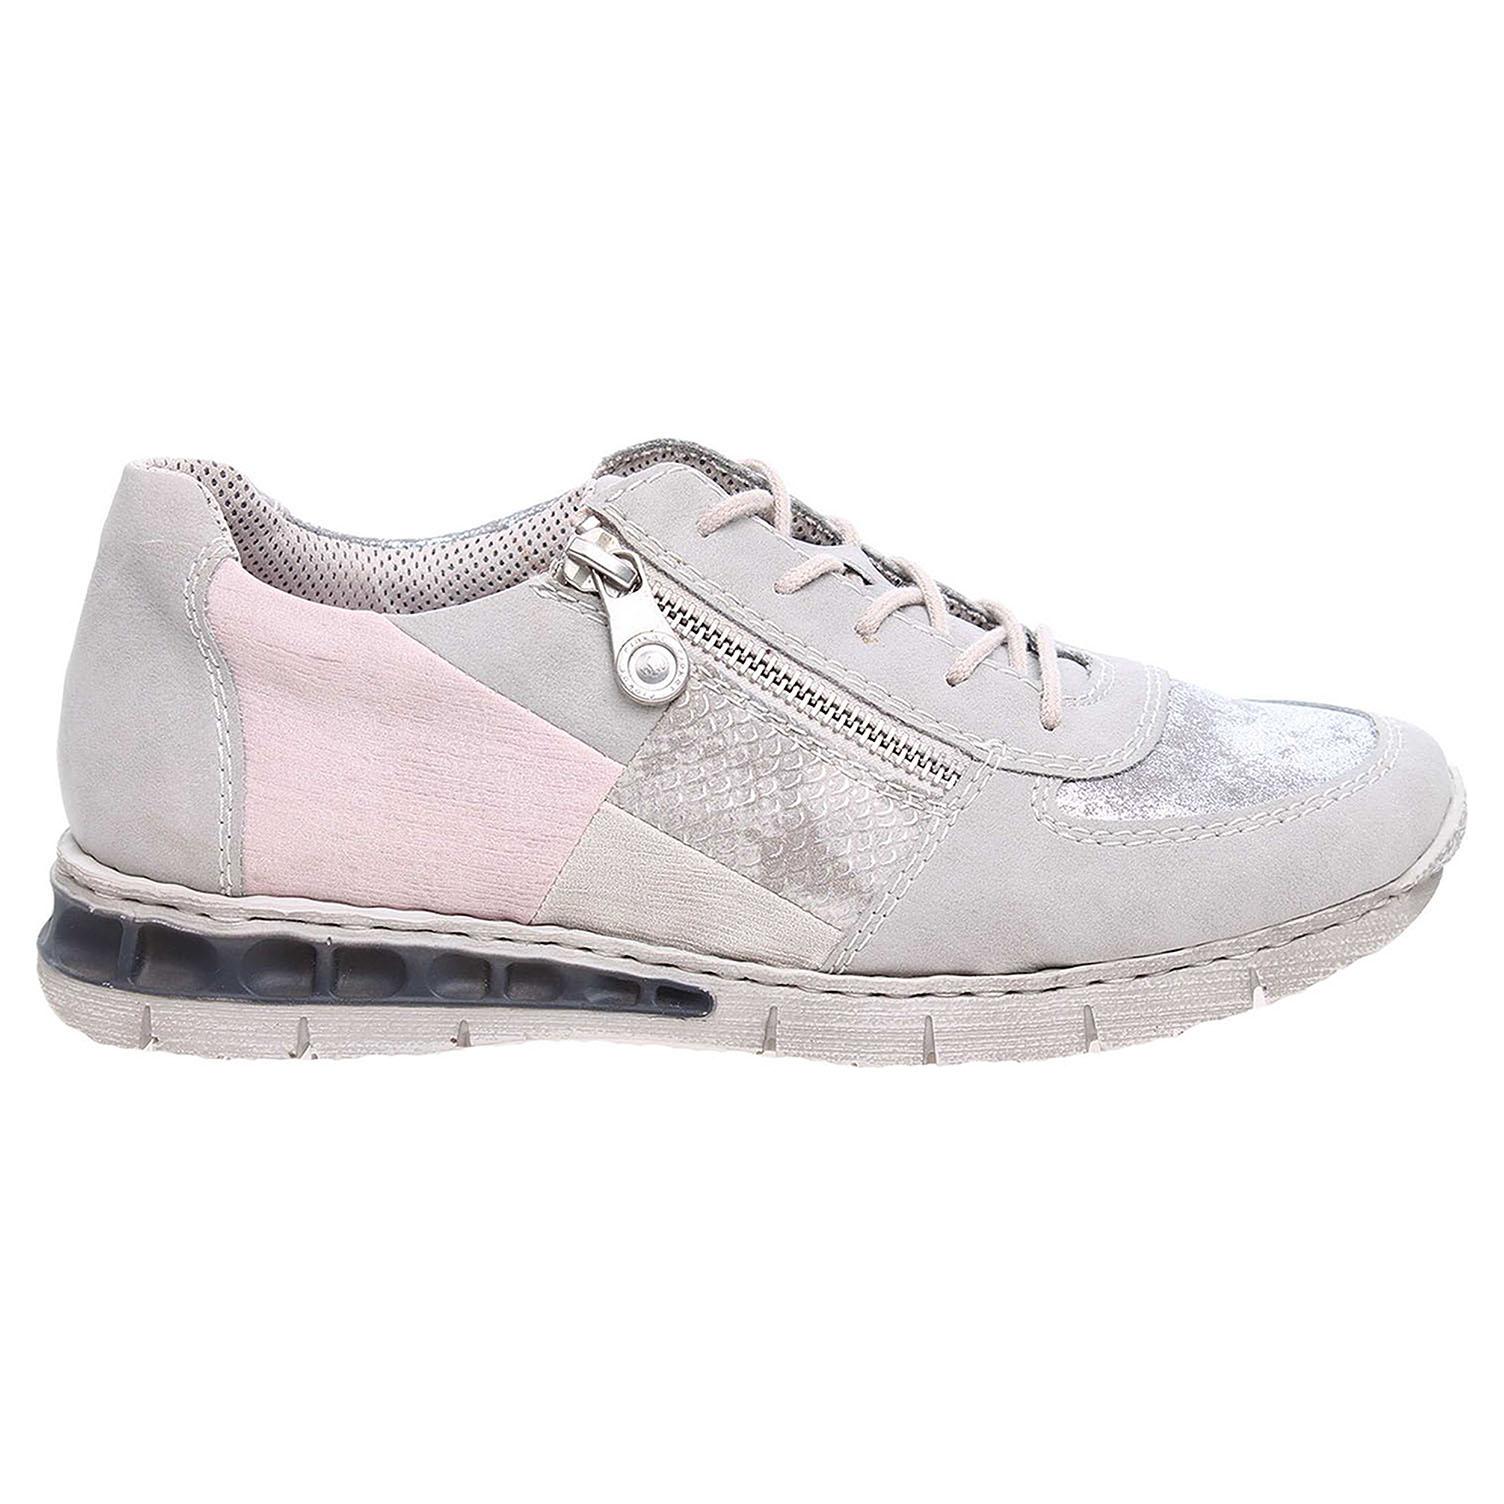 Ecco Rieker dámská obuv M2840-40 šedá 23200578